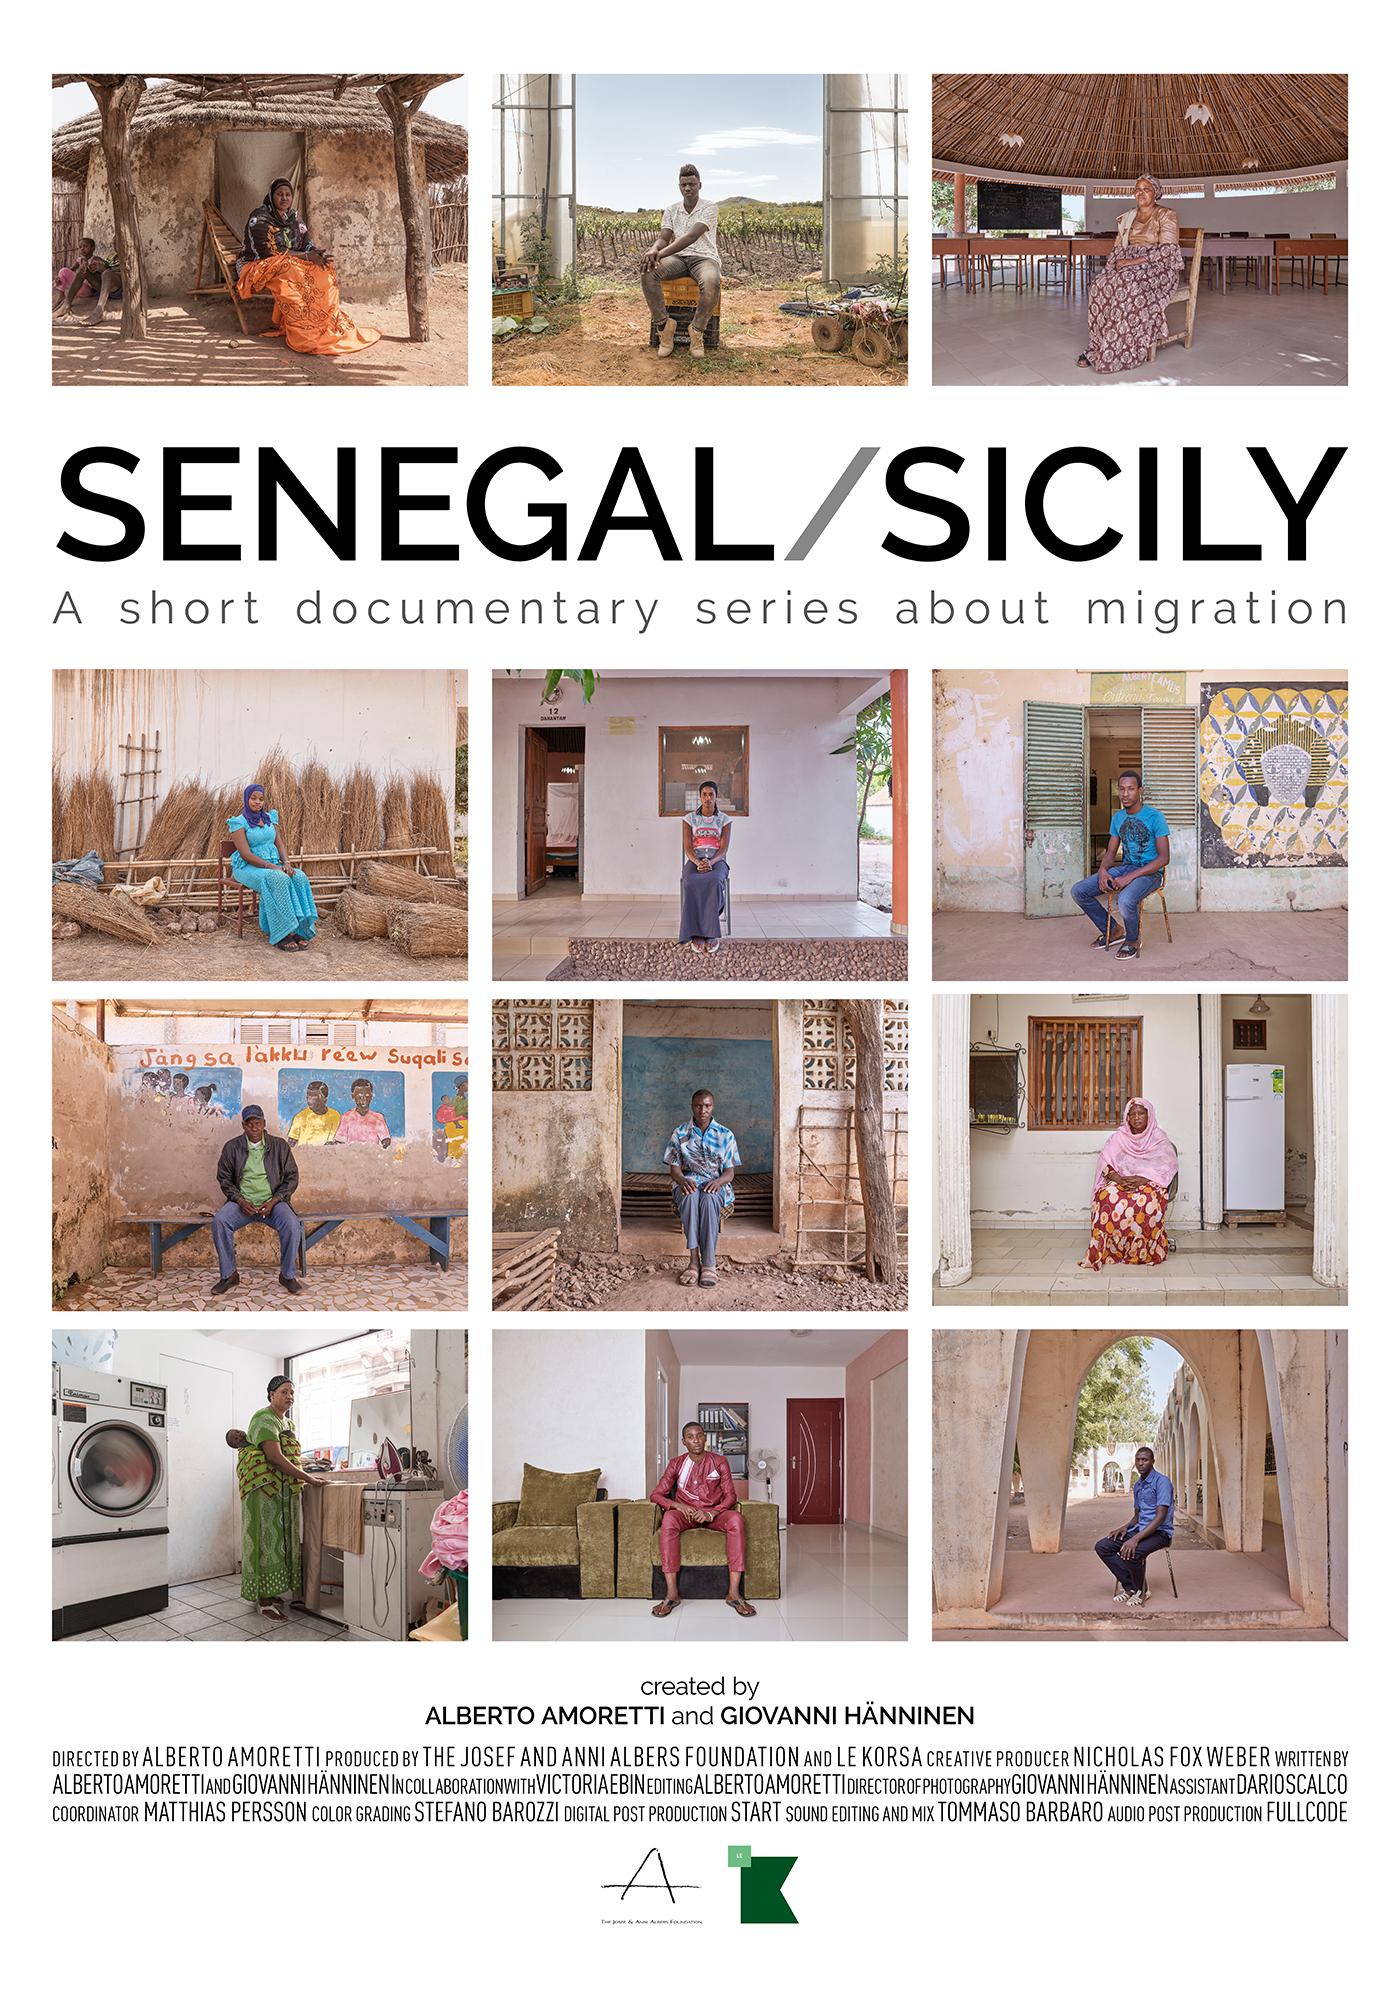 SenegalSicily